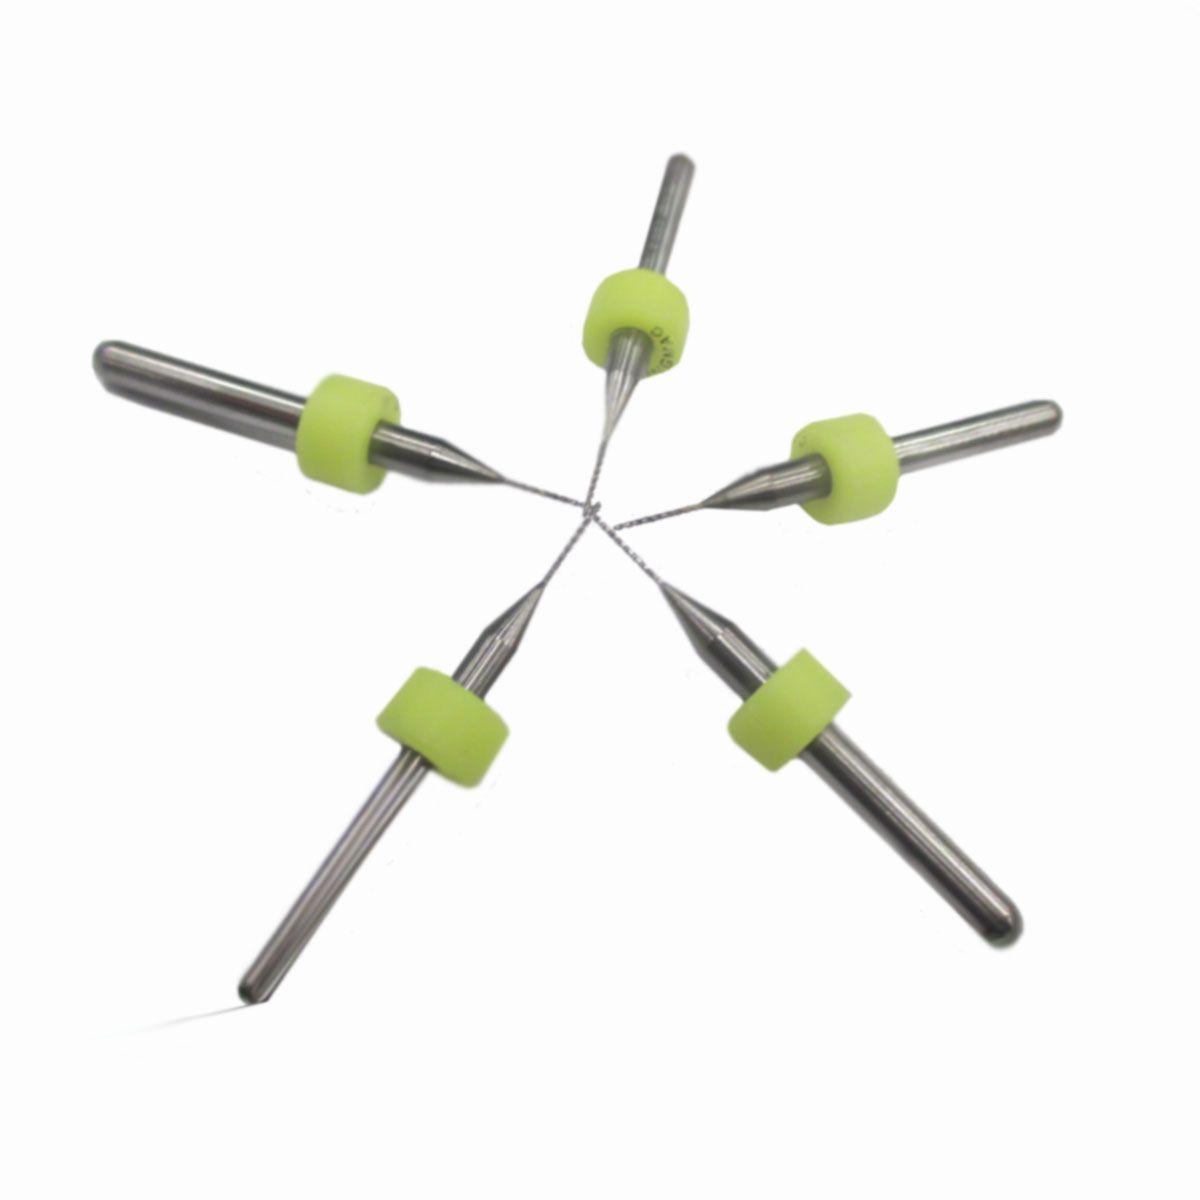 Сверло для чистки сопла (0.1 мм; 0.2 мм; 0.3 мм; 0.4 мм; 0.5 мм; 1.0 мм)